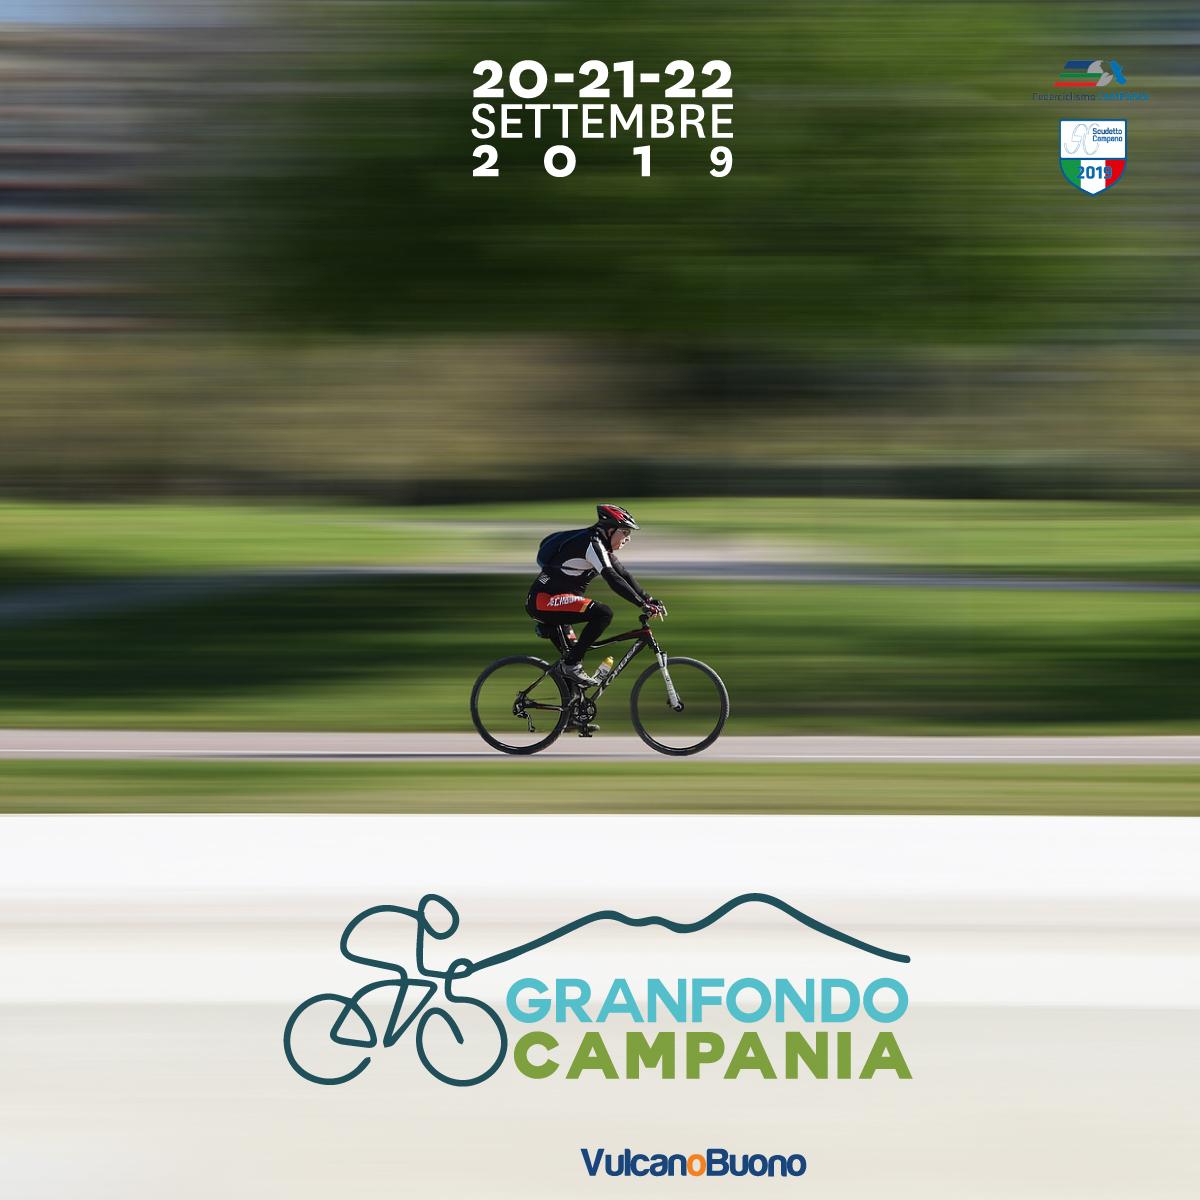 Gran Fondo Campania: 120 chilometri, centinaia di atleti e grandi testimonial